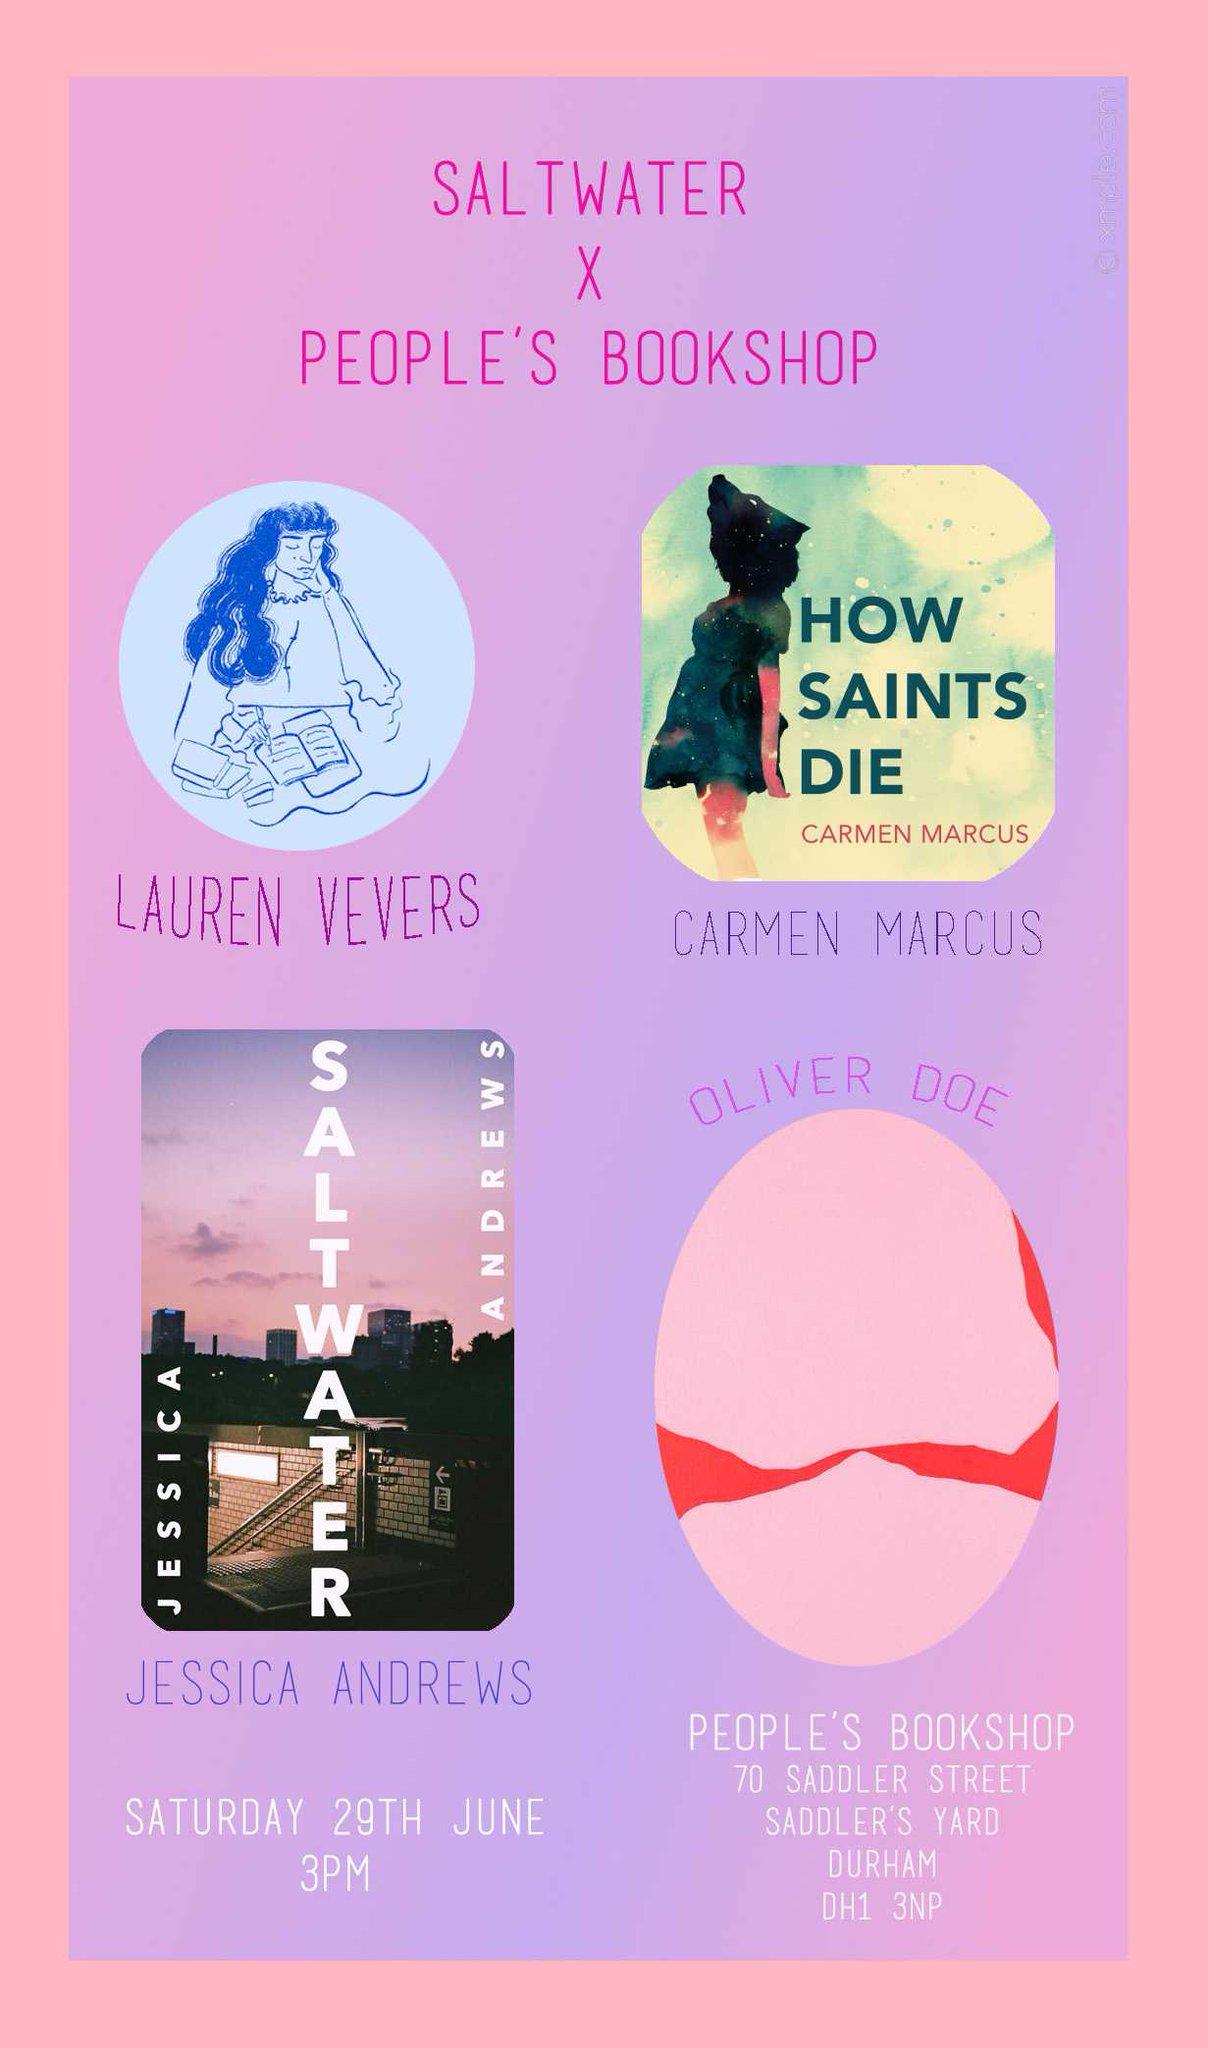 Saltwater Launch with Lauren Vevers